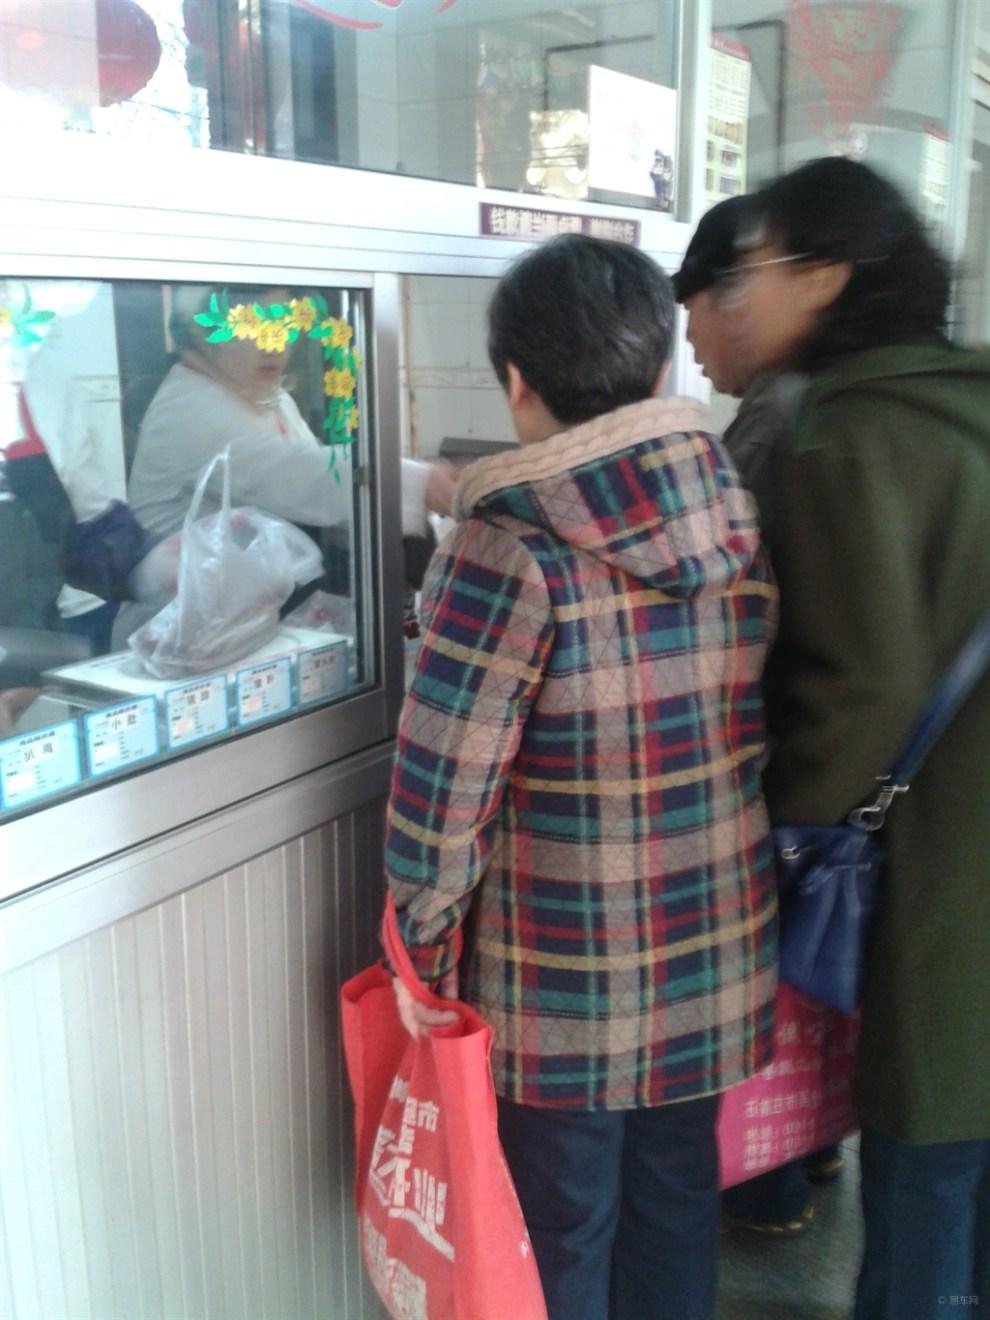 【【魅力河北】石家庄燕凤楼】_中国宾馆论坛大运河近图片美食符图片